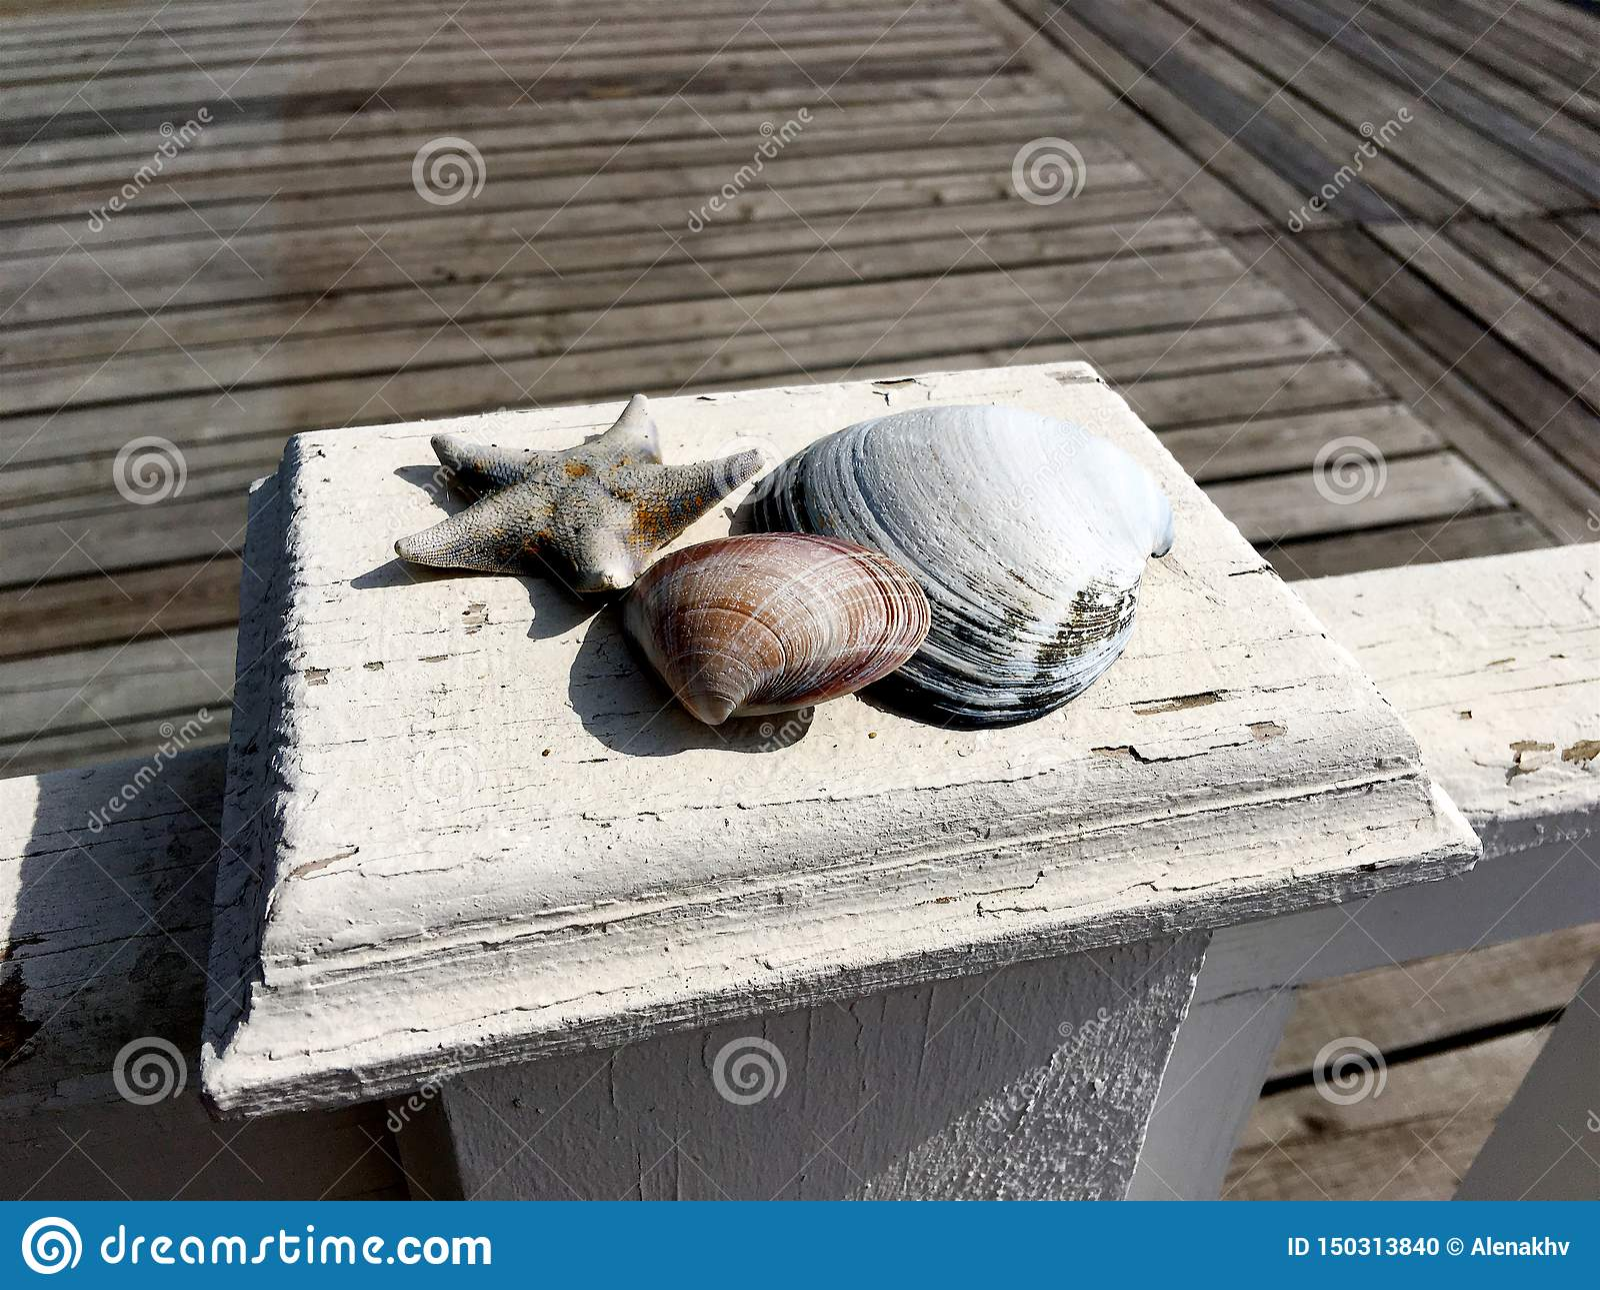 Nahaufnahme von Muscheln und eine trockene Starfishlüge auf einer hölzernen weißen Hecke